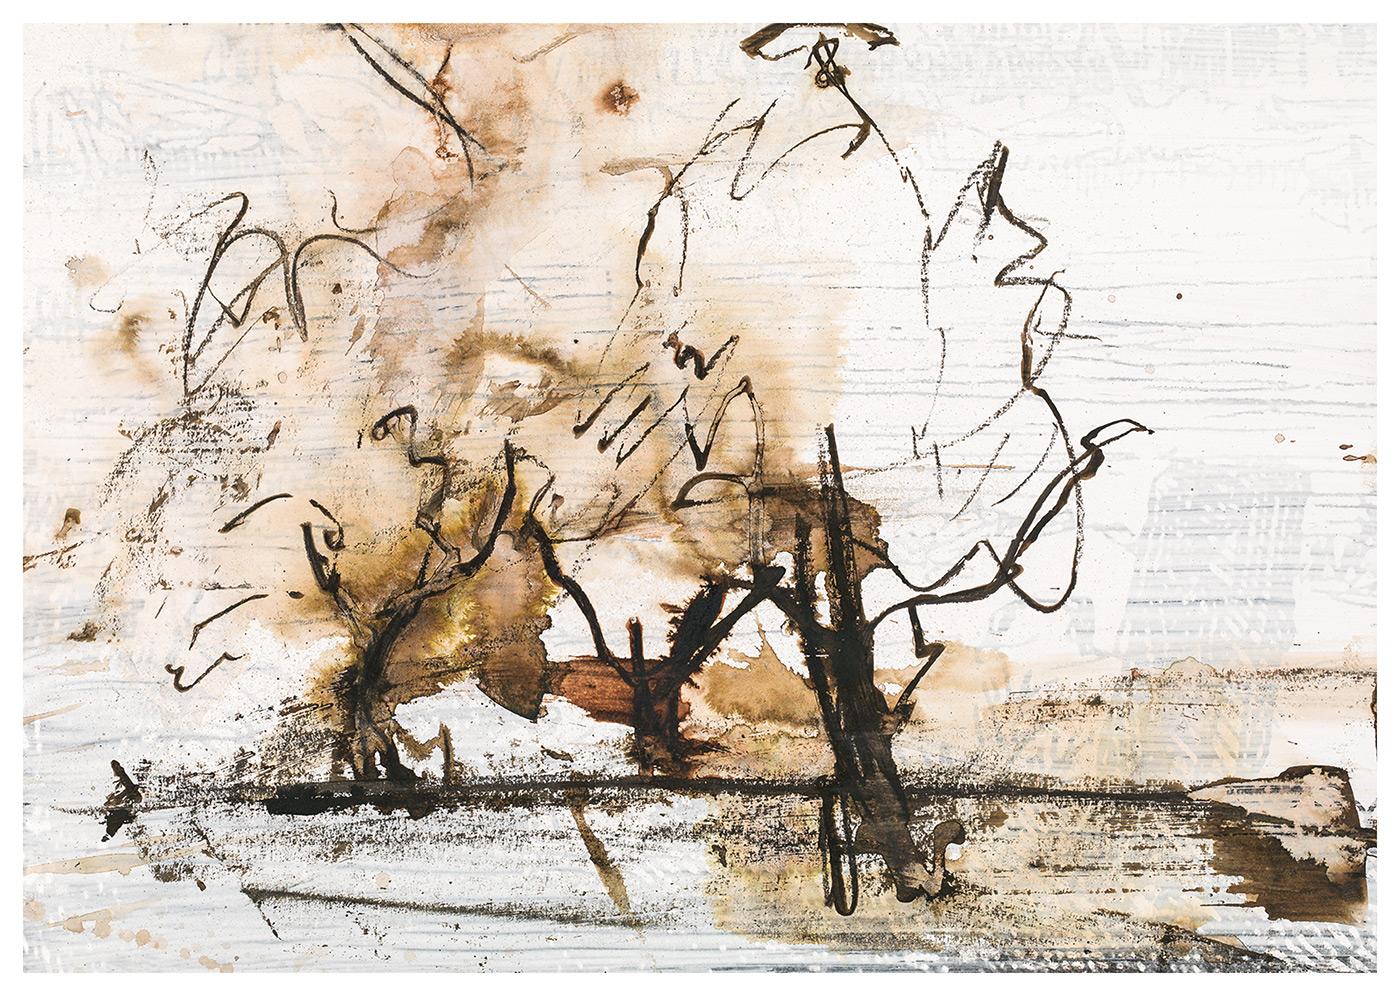 Hommage an Rembrandt van Rijn. 2014